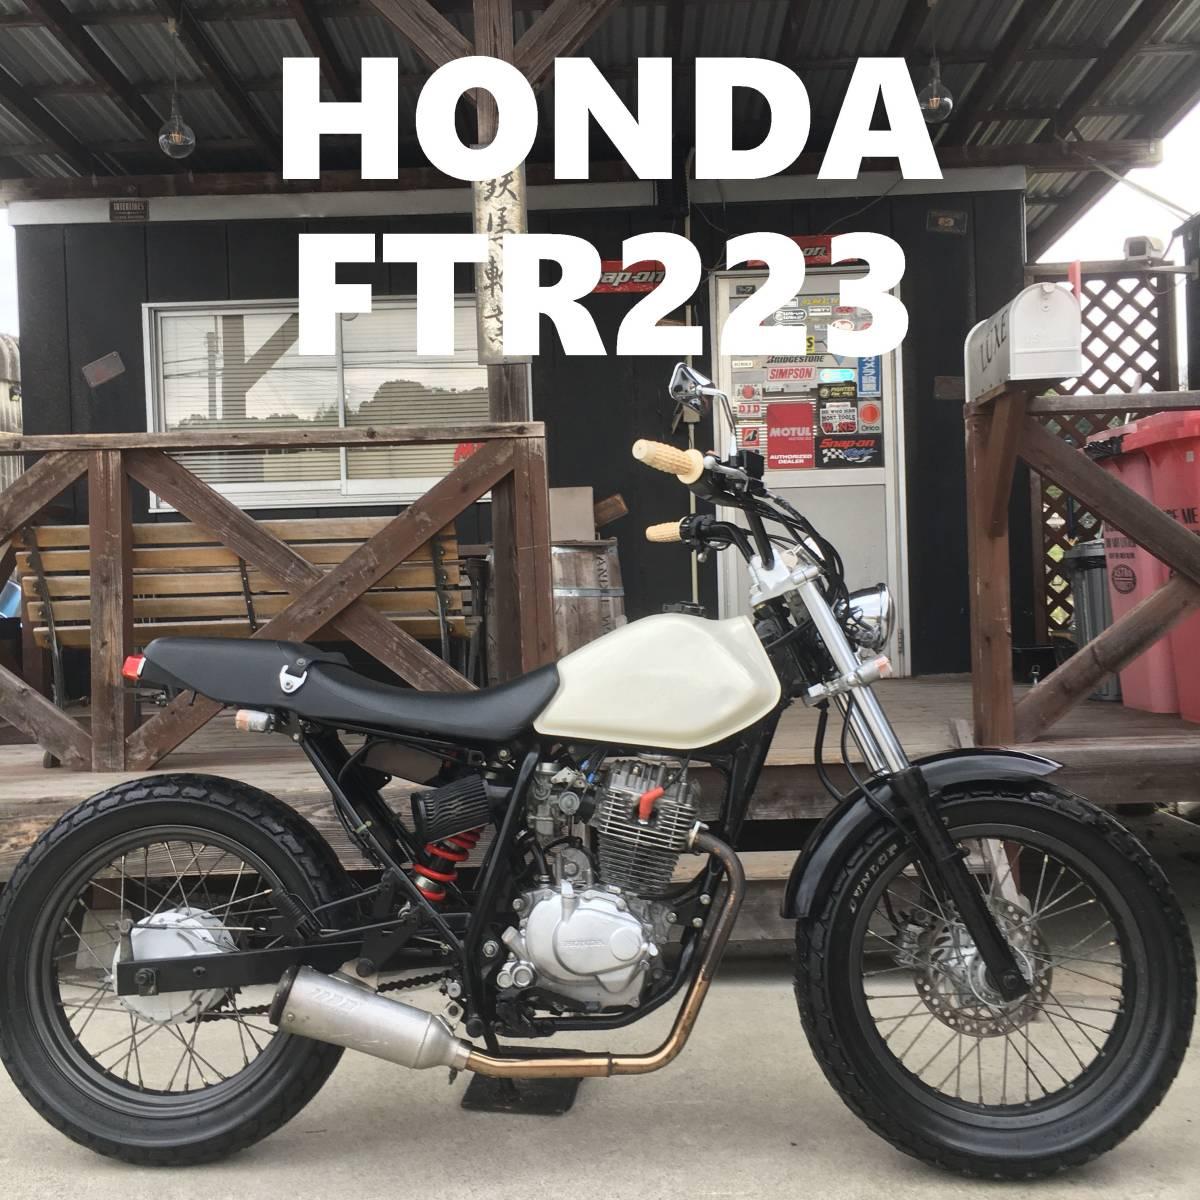 「ストリートバイクの定番! FTR223 MC34 ストリートトラッカーカスタム 社外パーツ多数 ホンダ 検: TW TR ボバー スカチューン ZXCV20484」の画像1